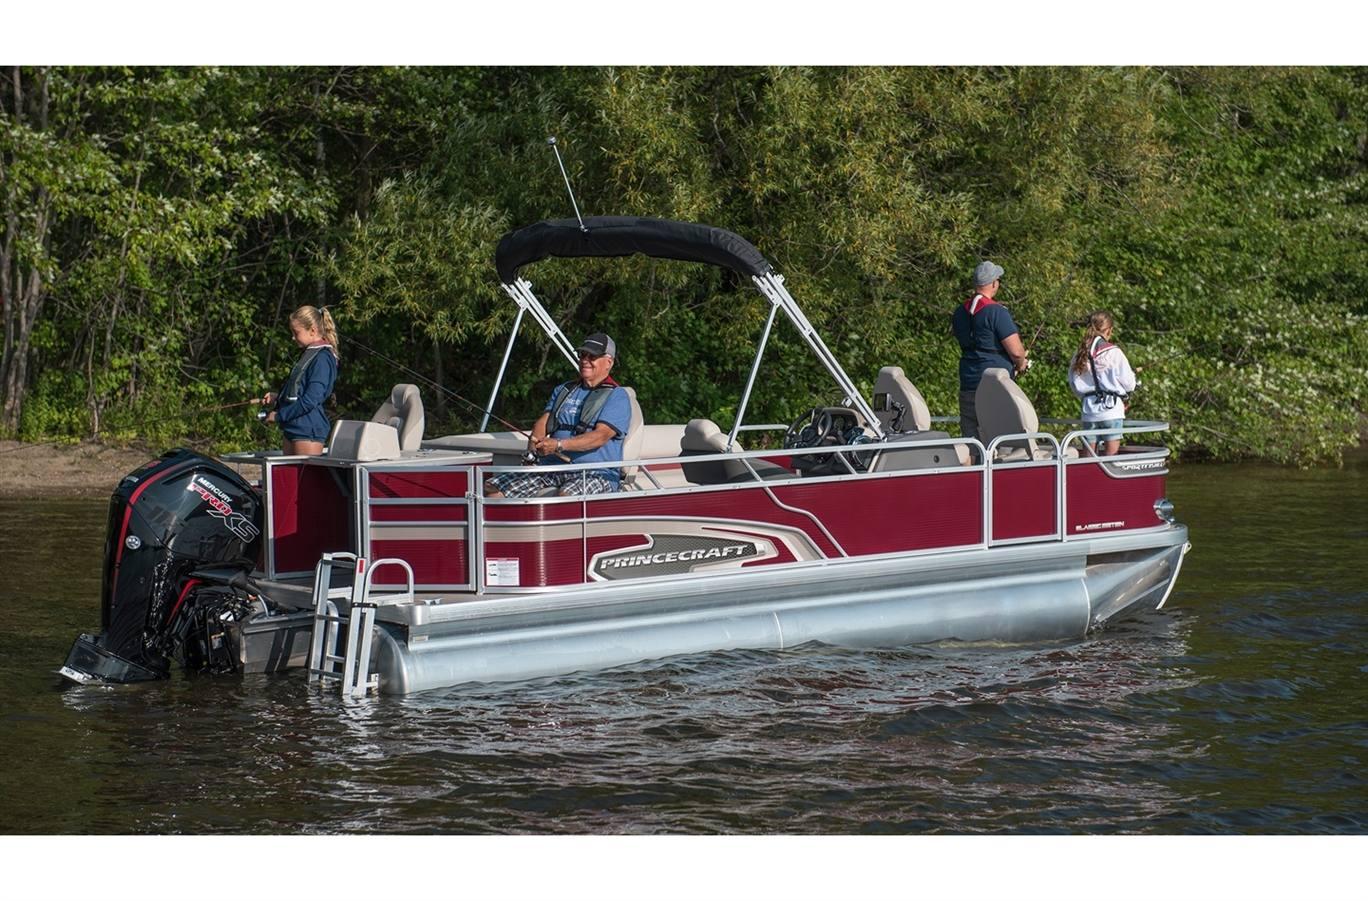 2019 Princecraft Sportfisher 21-4S for sale in Spring Lake, MI